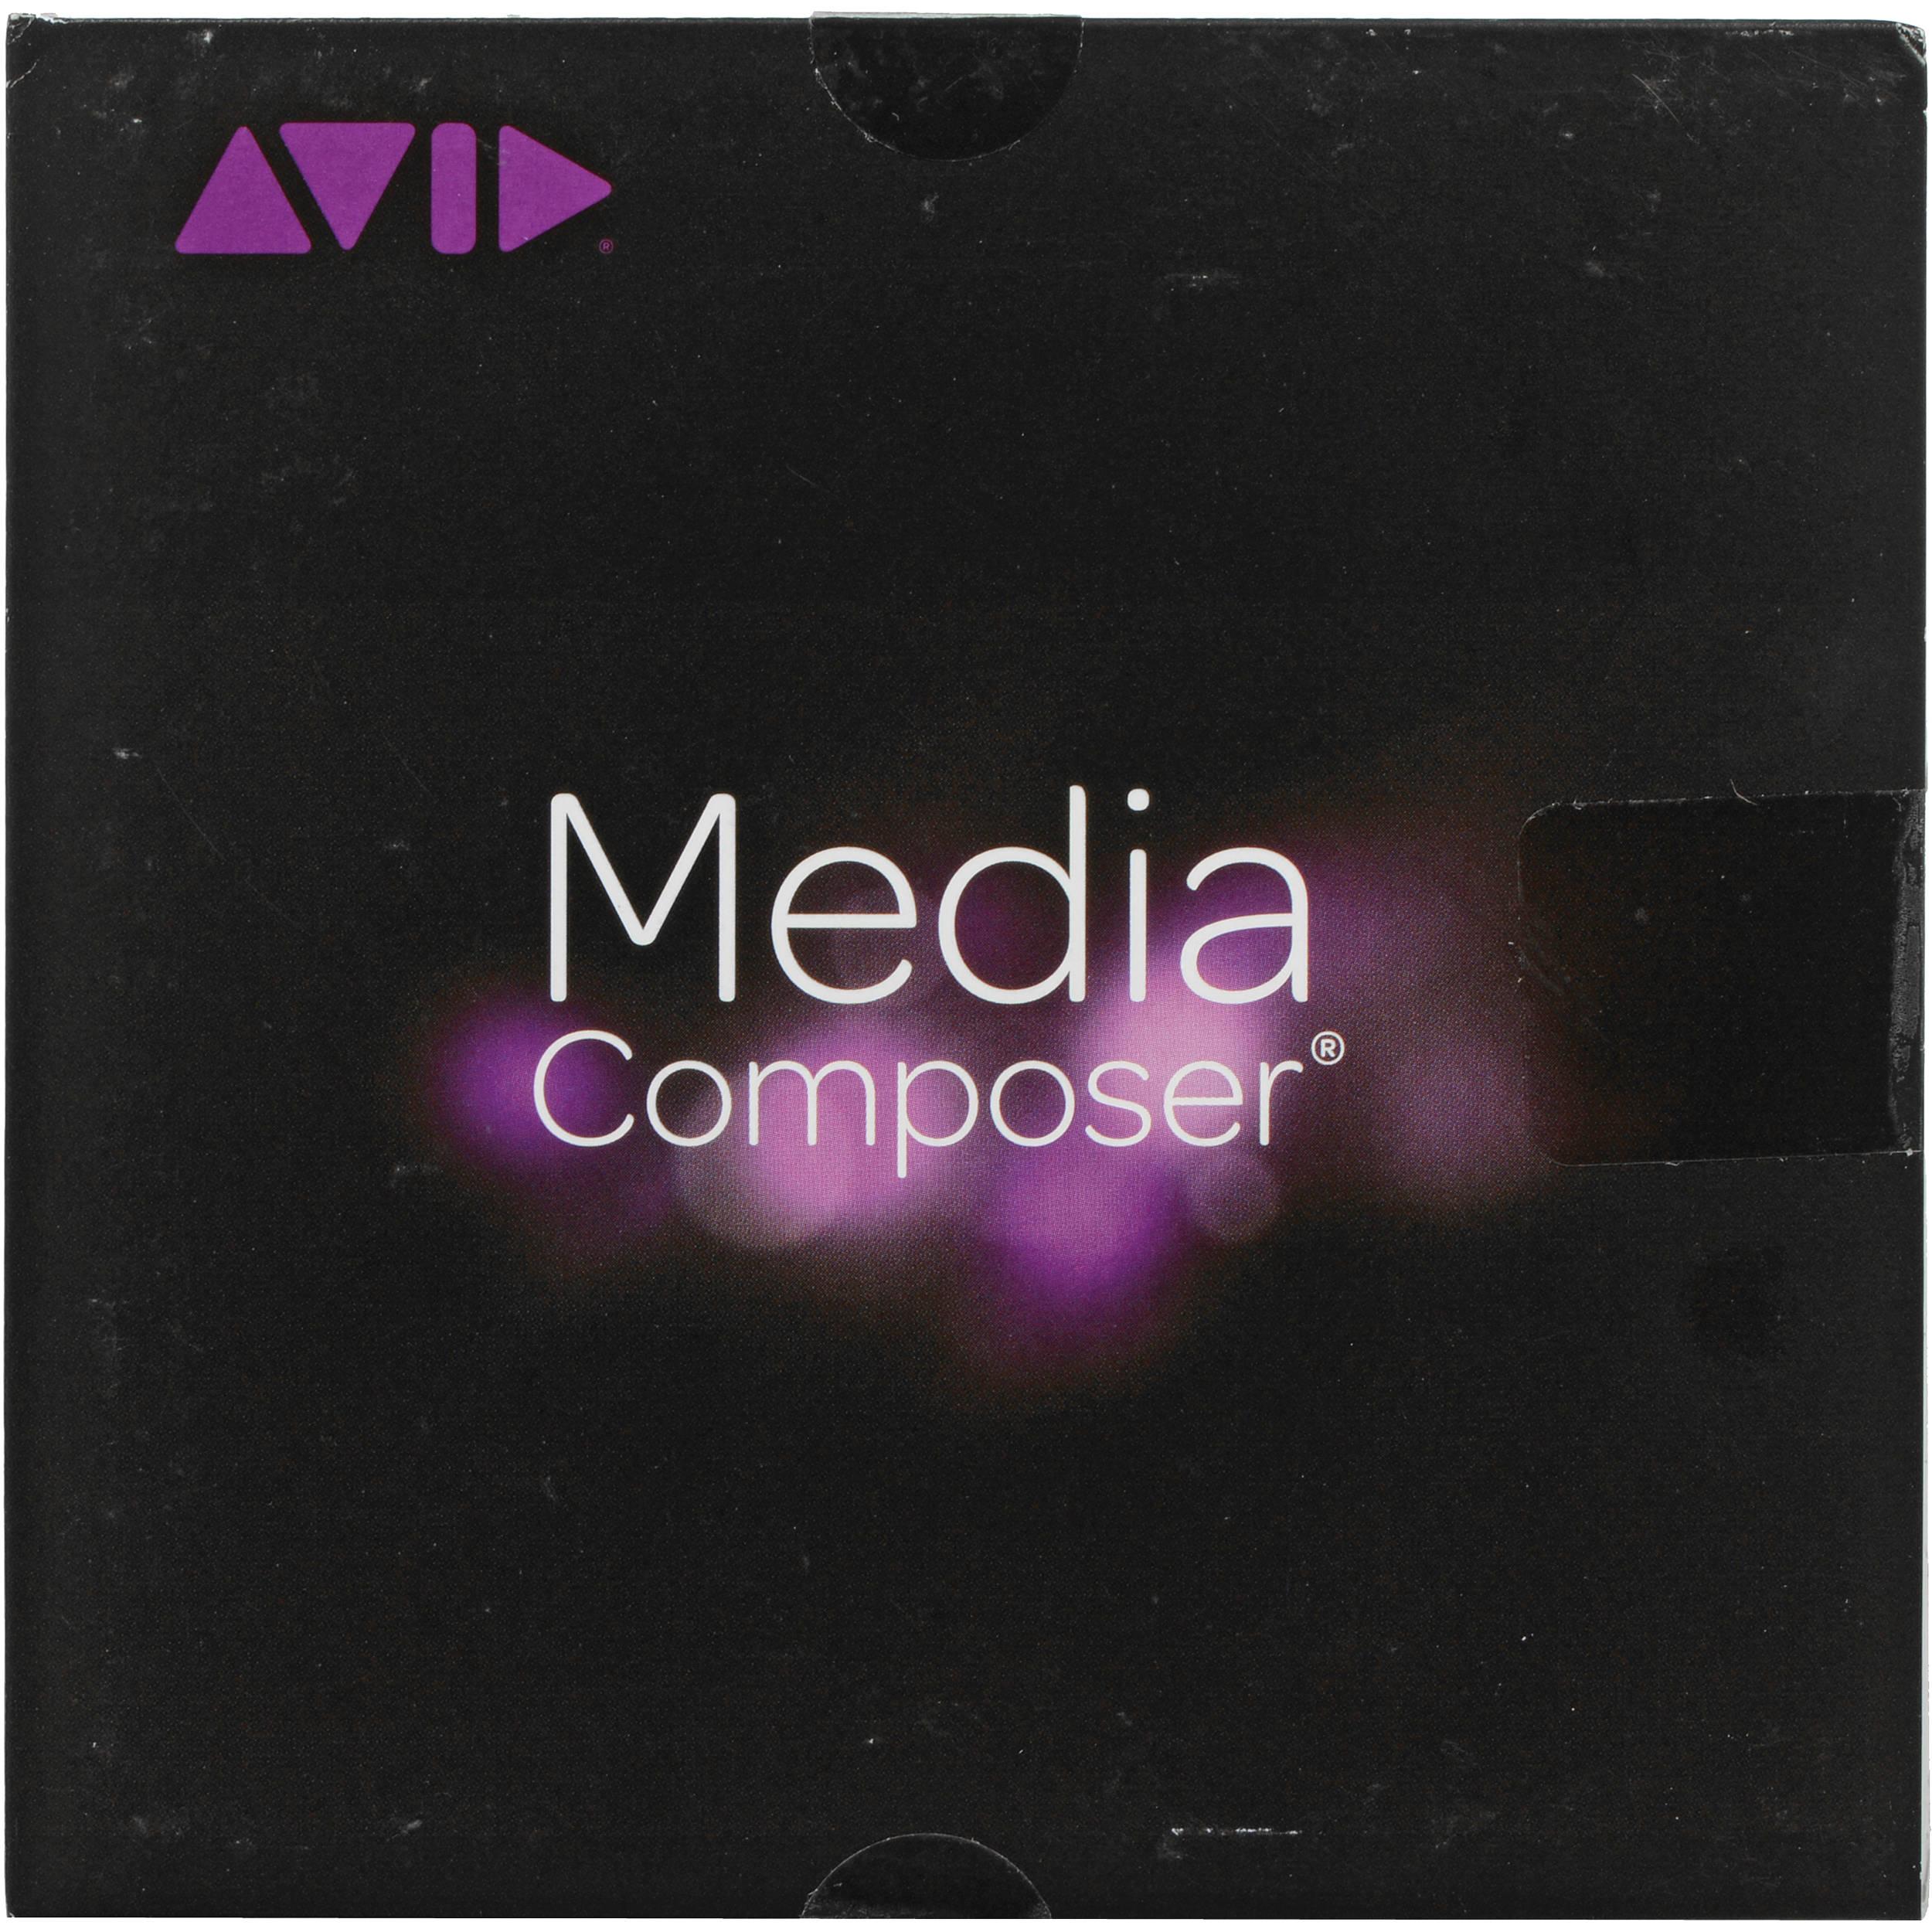 avid media composer 6 free download mac